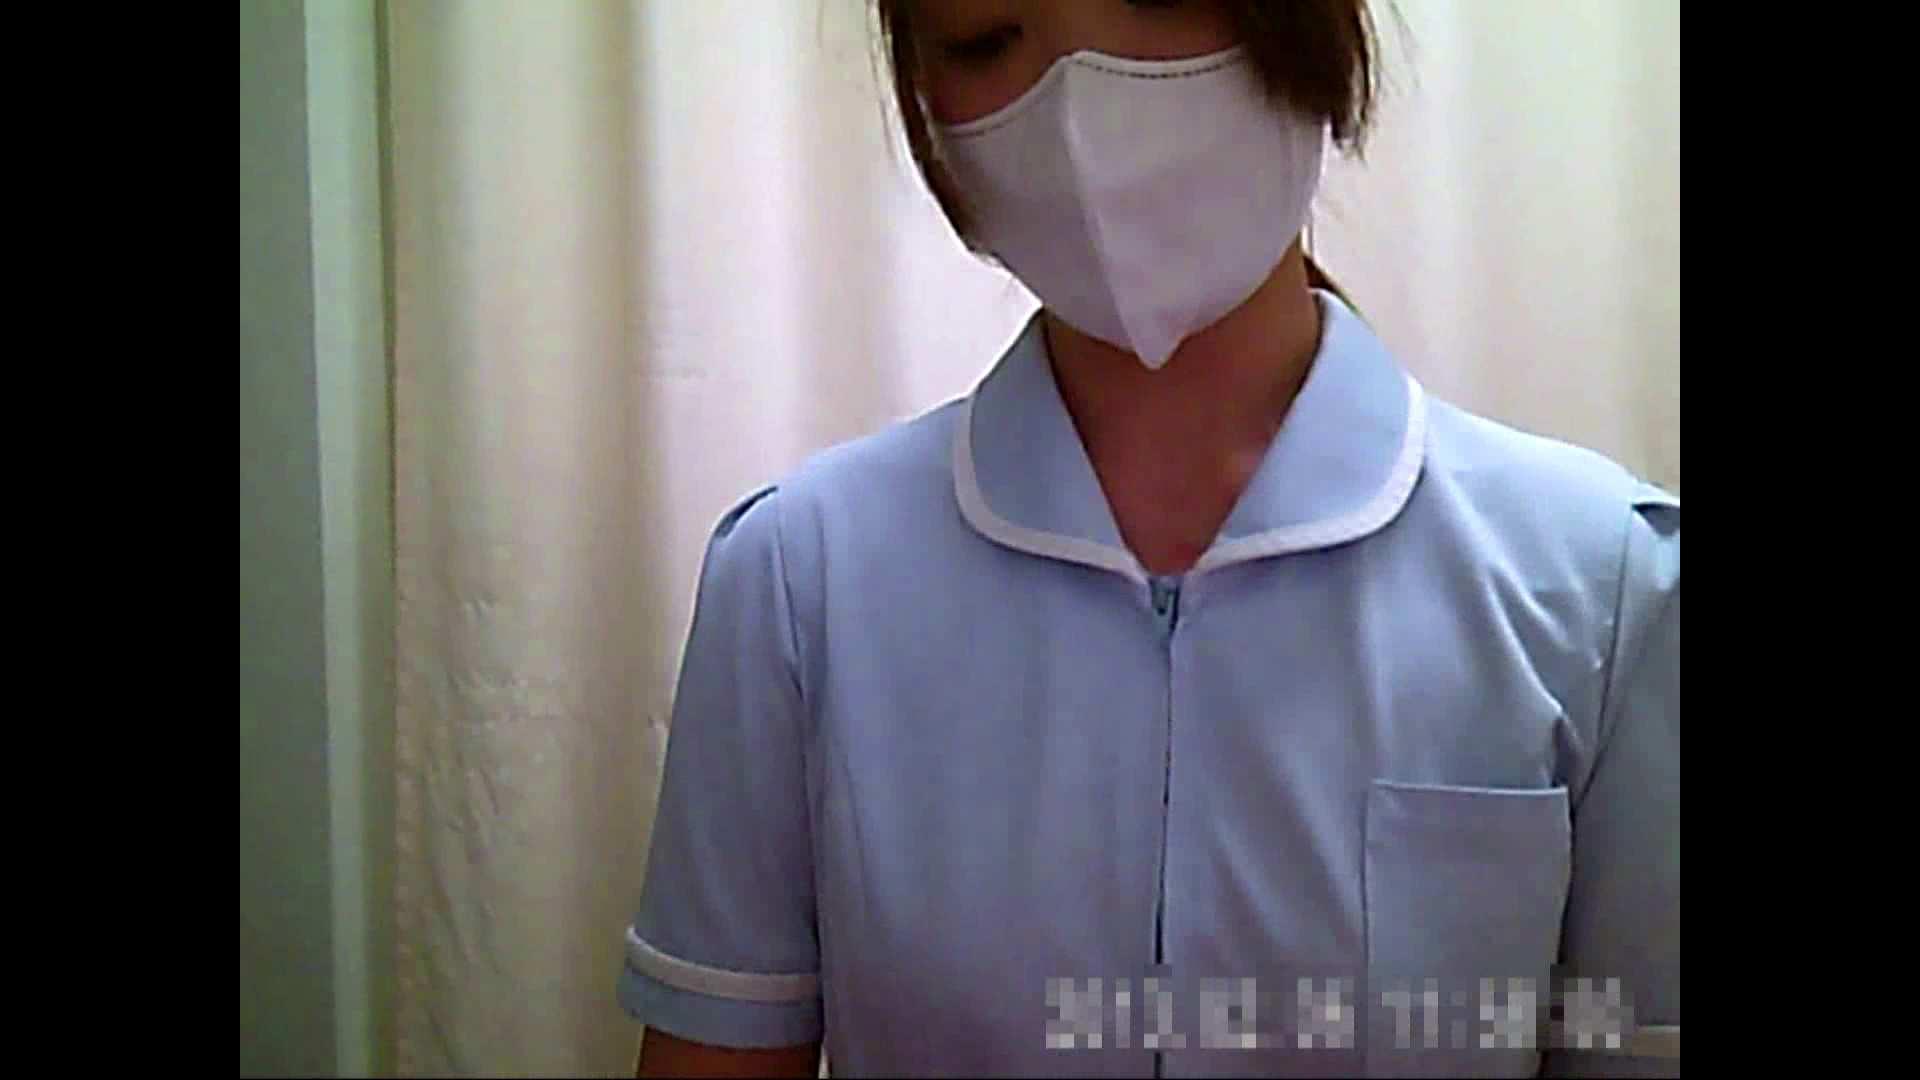 元医者による反抗 更衣室地獄絵巻 vol.150 OLの実態   0  74pic 17